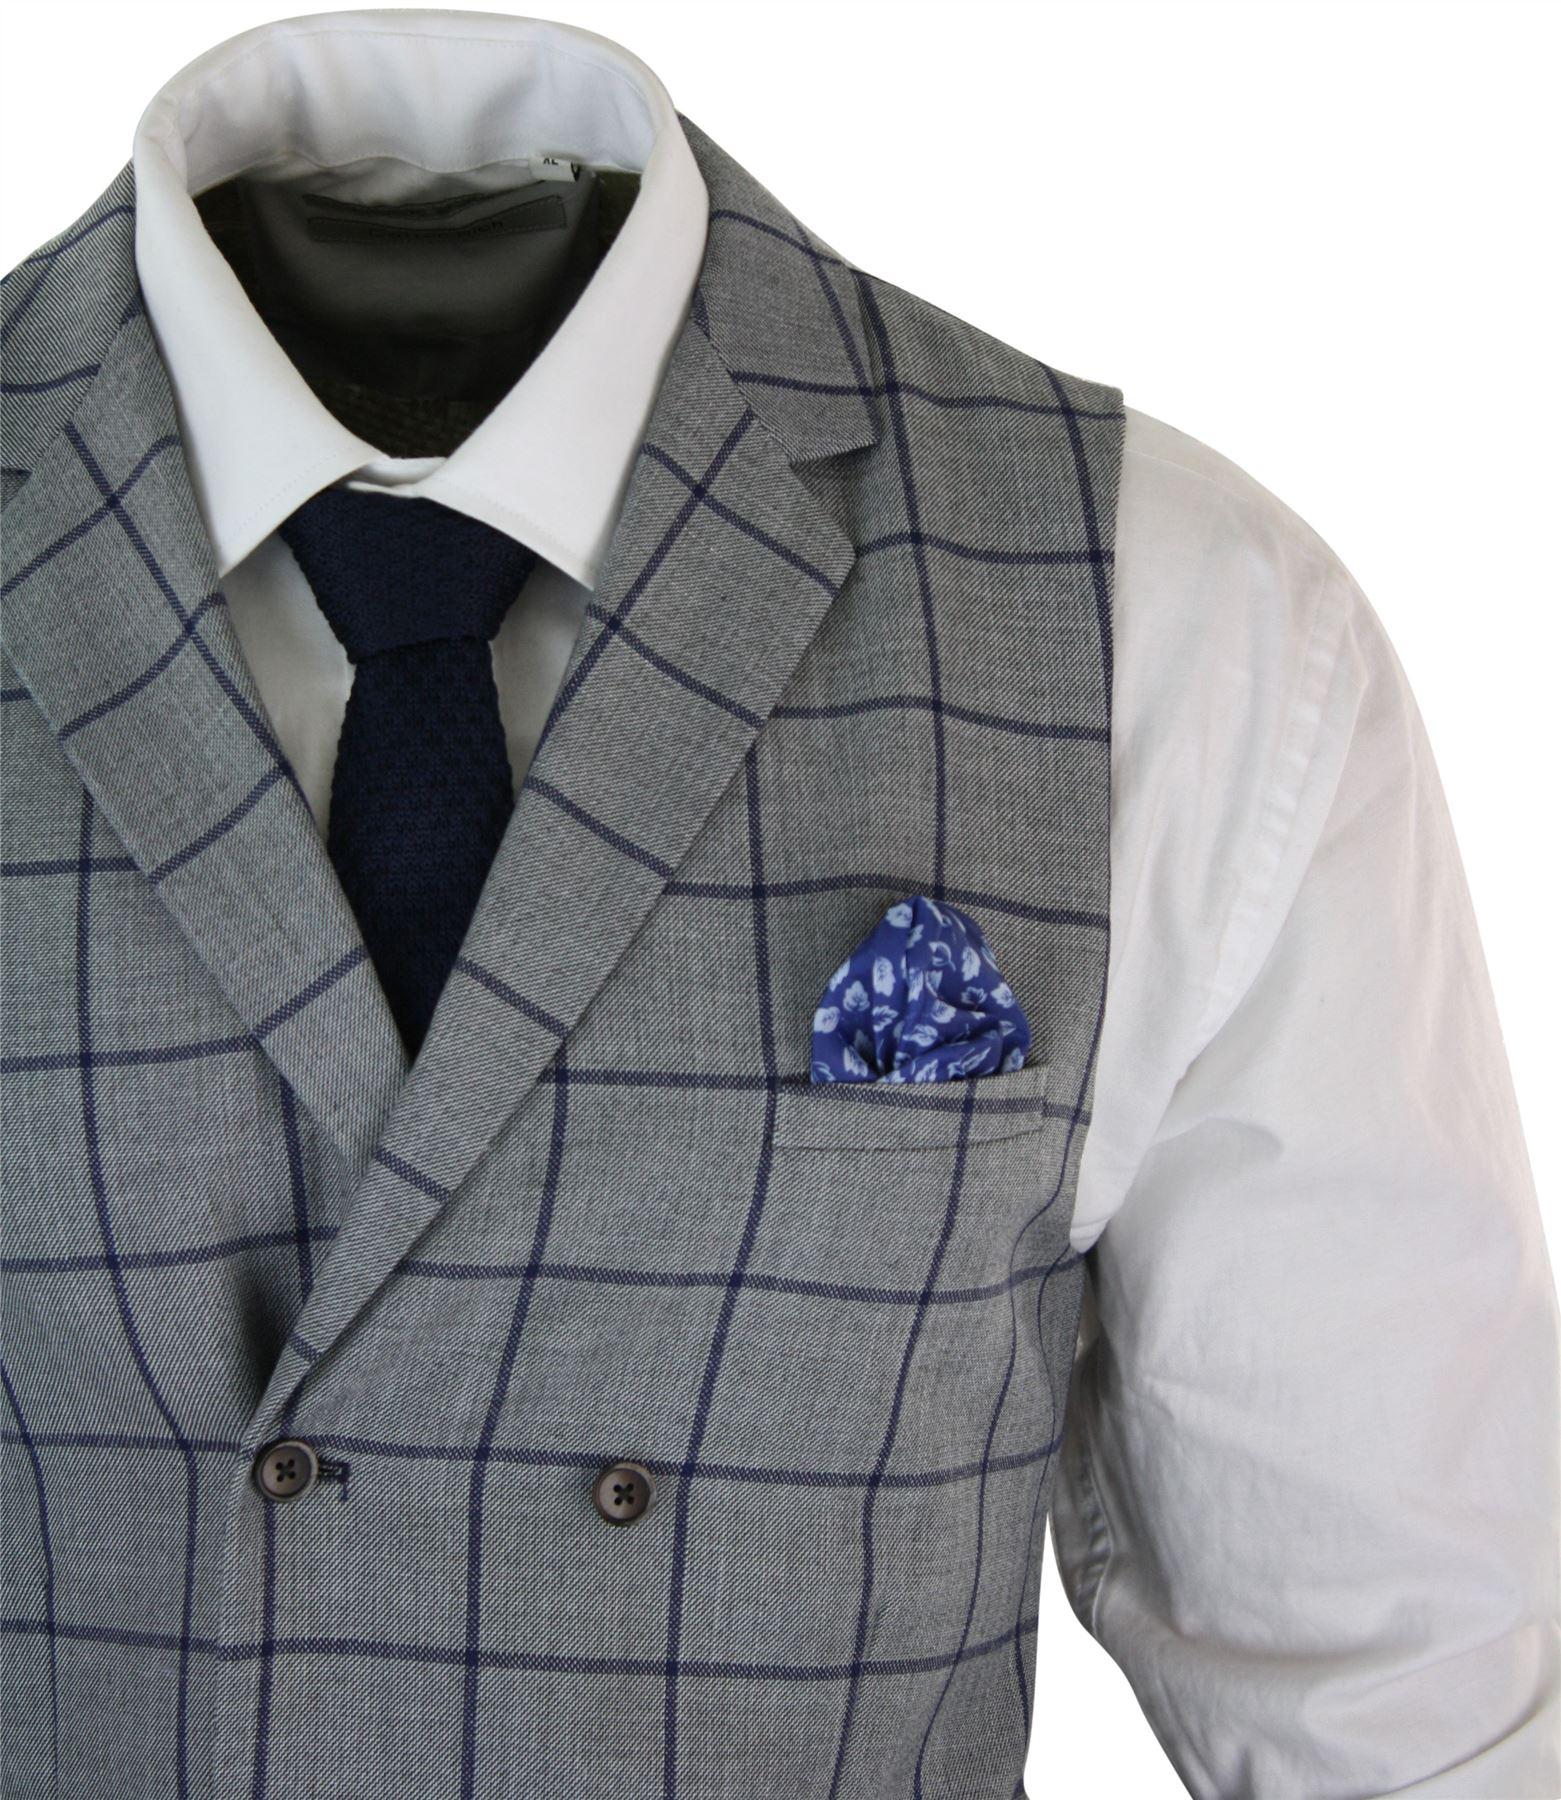 Mens-Double-Breasted-Herringbone-Tweed-Peaky-Blinders-Vintage-Check-Waistcoat miniatuur 4